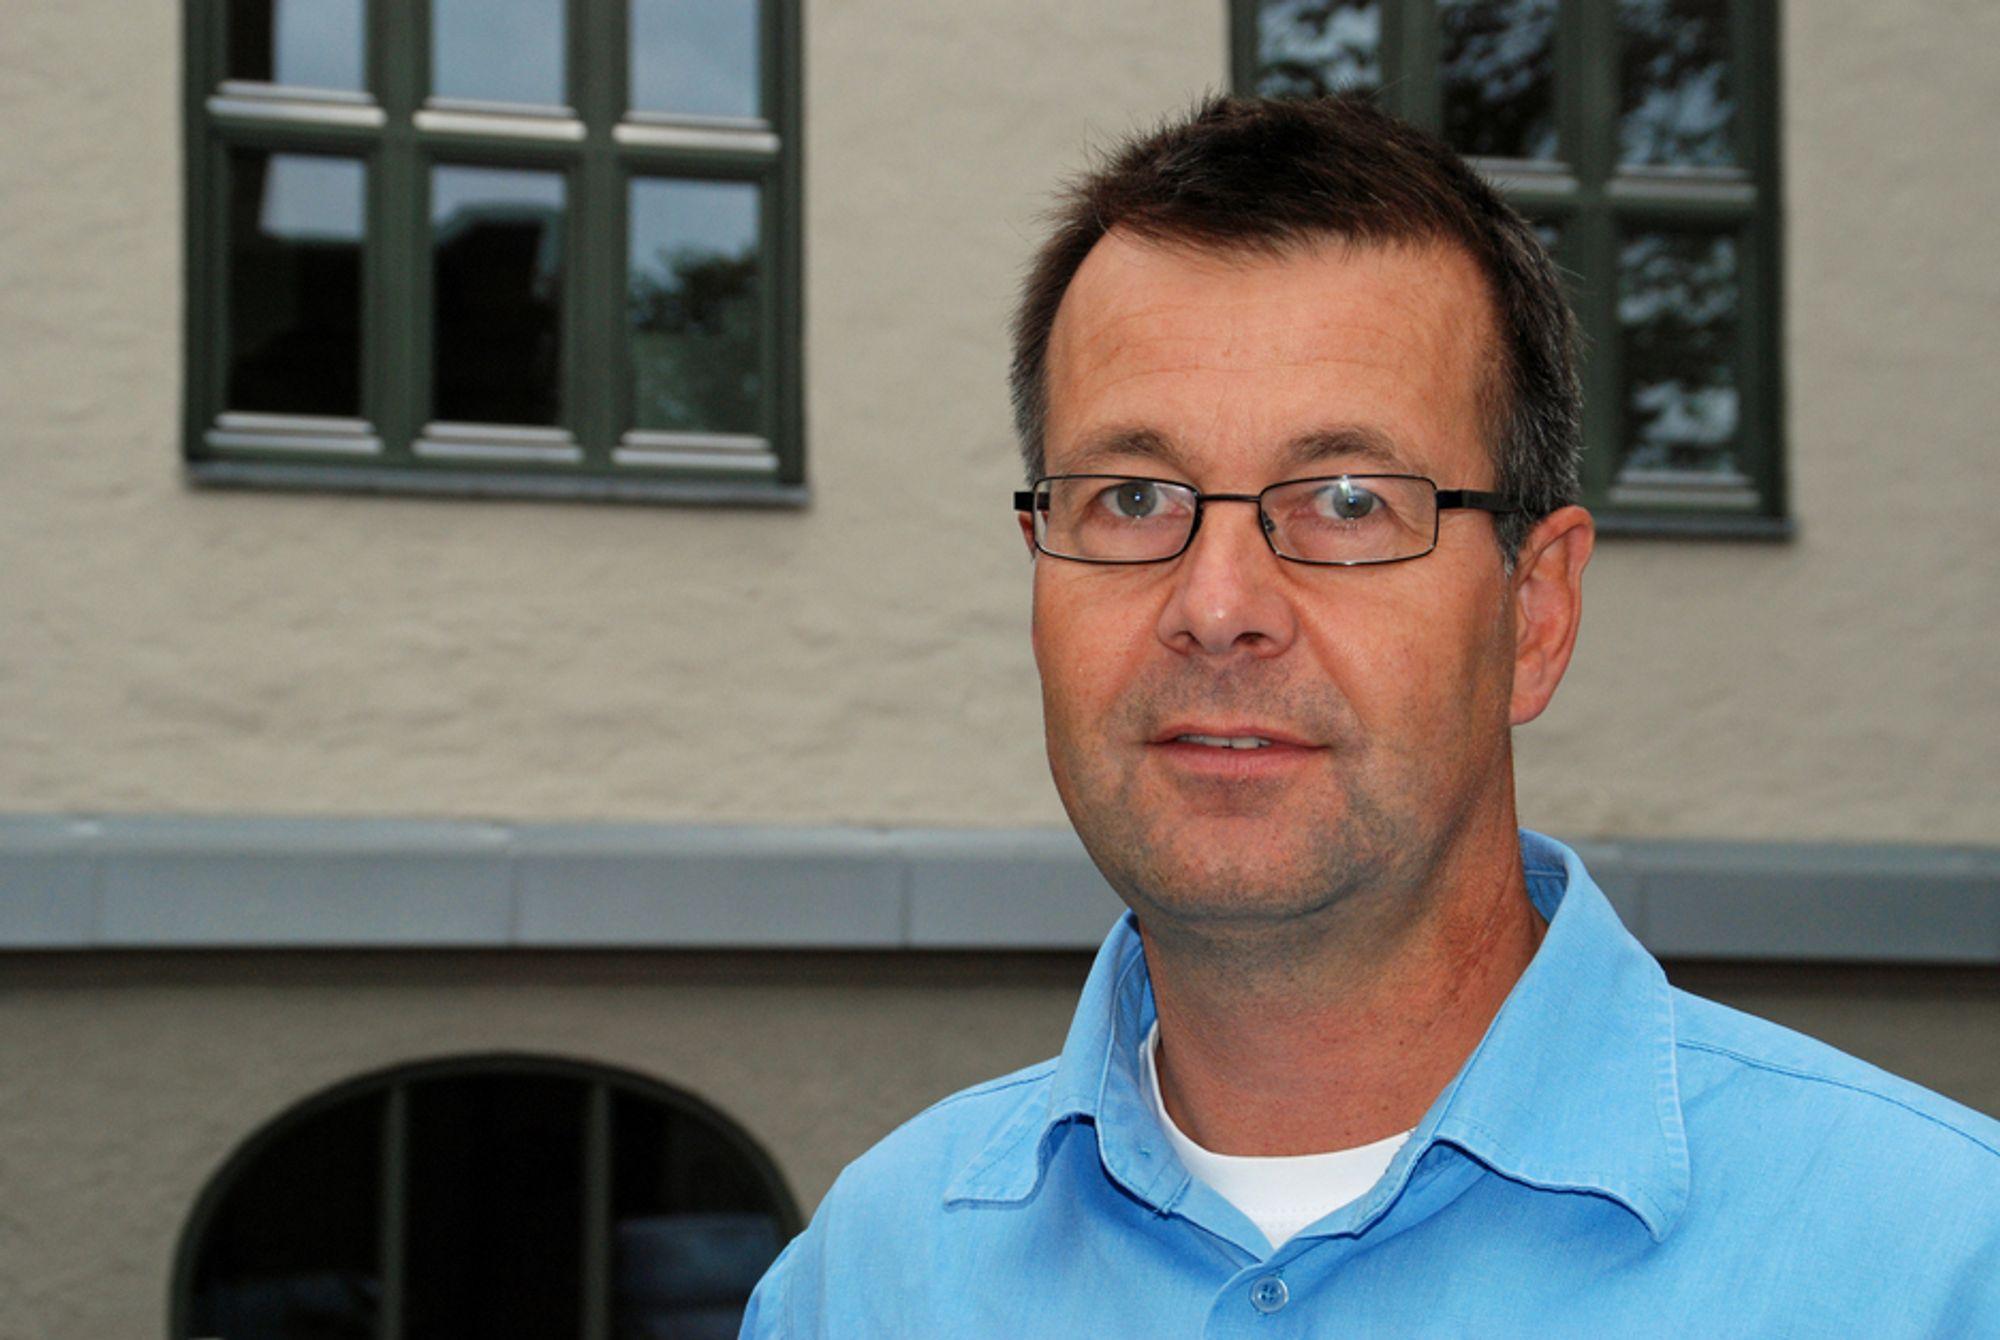 PLANLEGGING AVGJØRENDE: Per F. Jørgensen, partner og energirådgiver i KanEnergi, mener alle nye kontorbygg kan få energimerke A, og at et hvert rehabiliteringsprosjekt bør komme ned til 120 kWh/m2. - Alt handler om god planlegging, sier han.